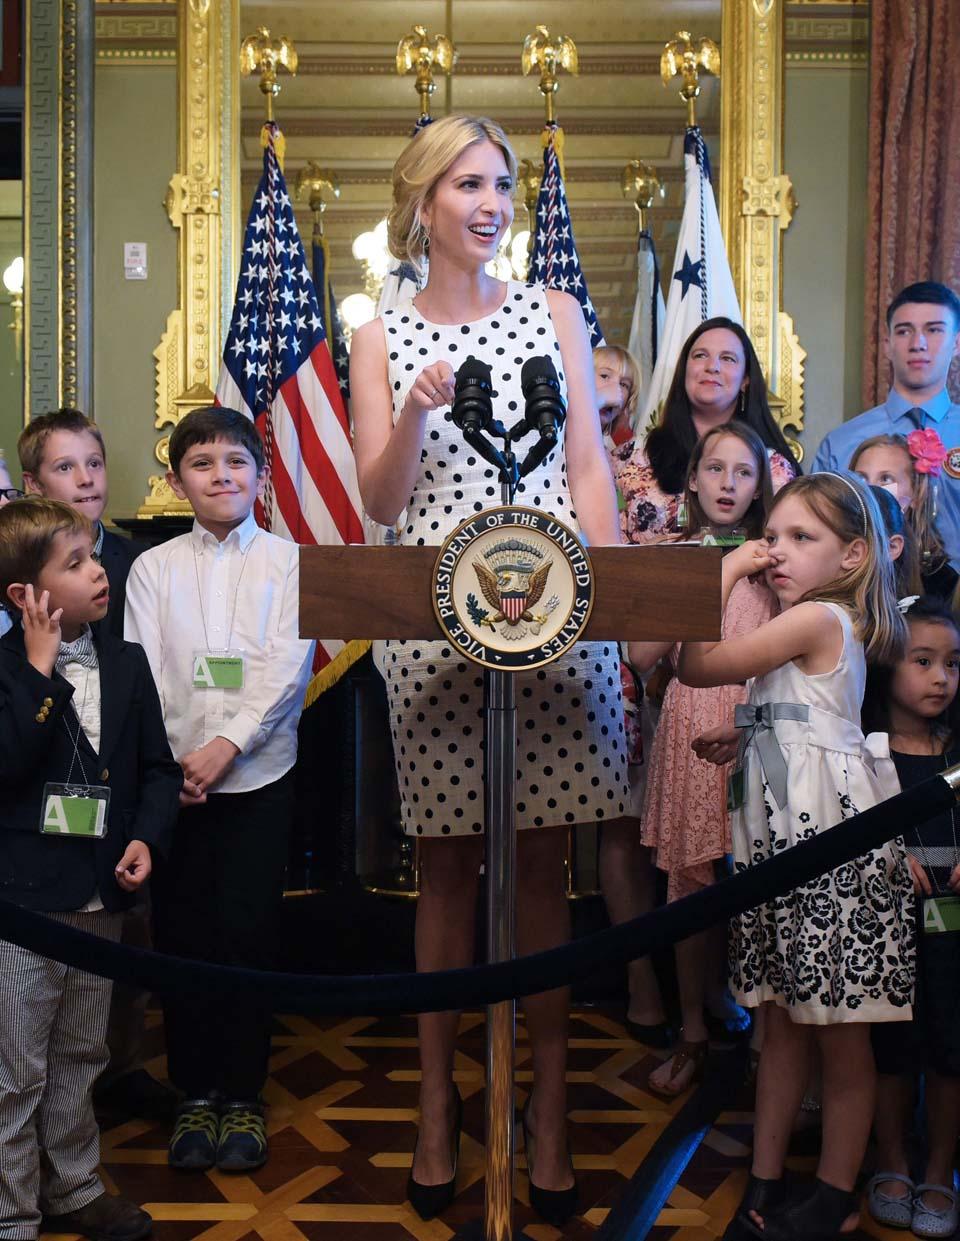 Белое в горошек? Почему бы и нет. Фото: AFP